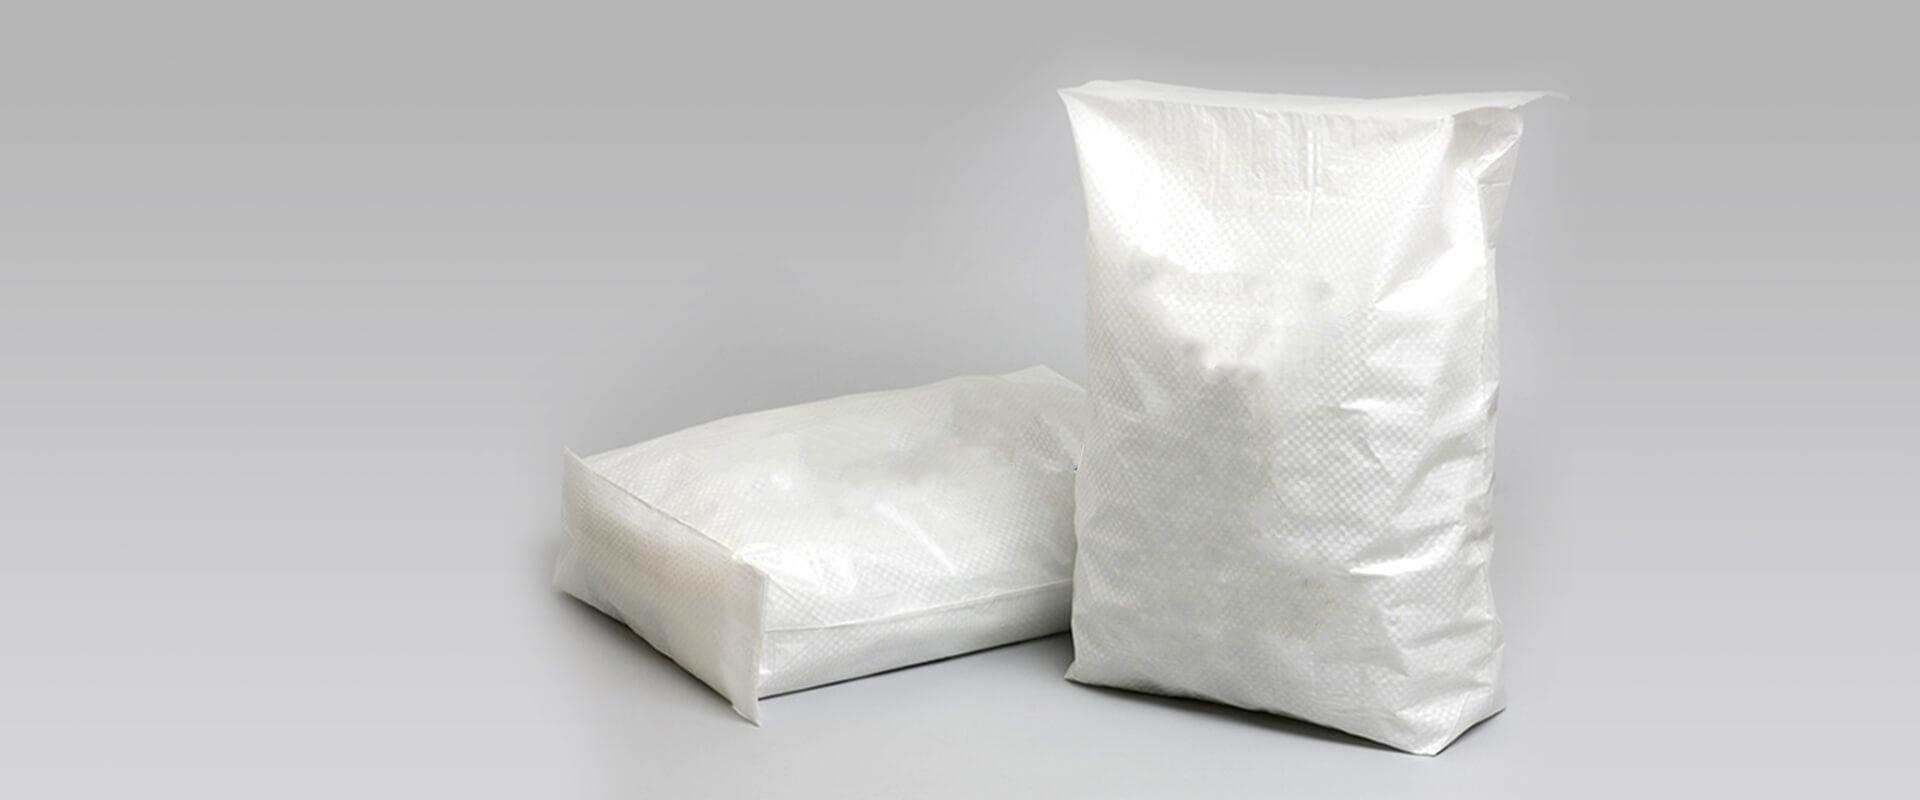 White Woven Sack Masterbatches Application